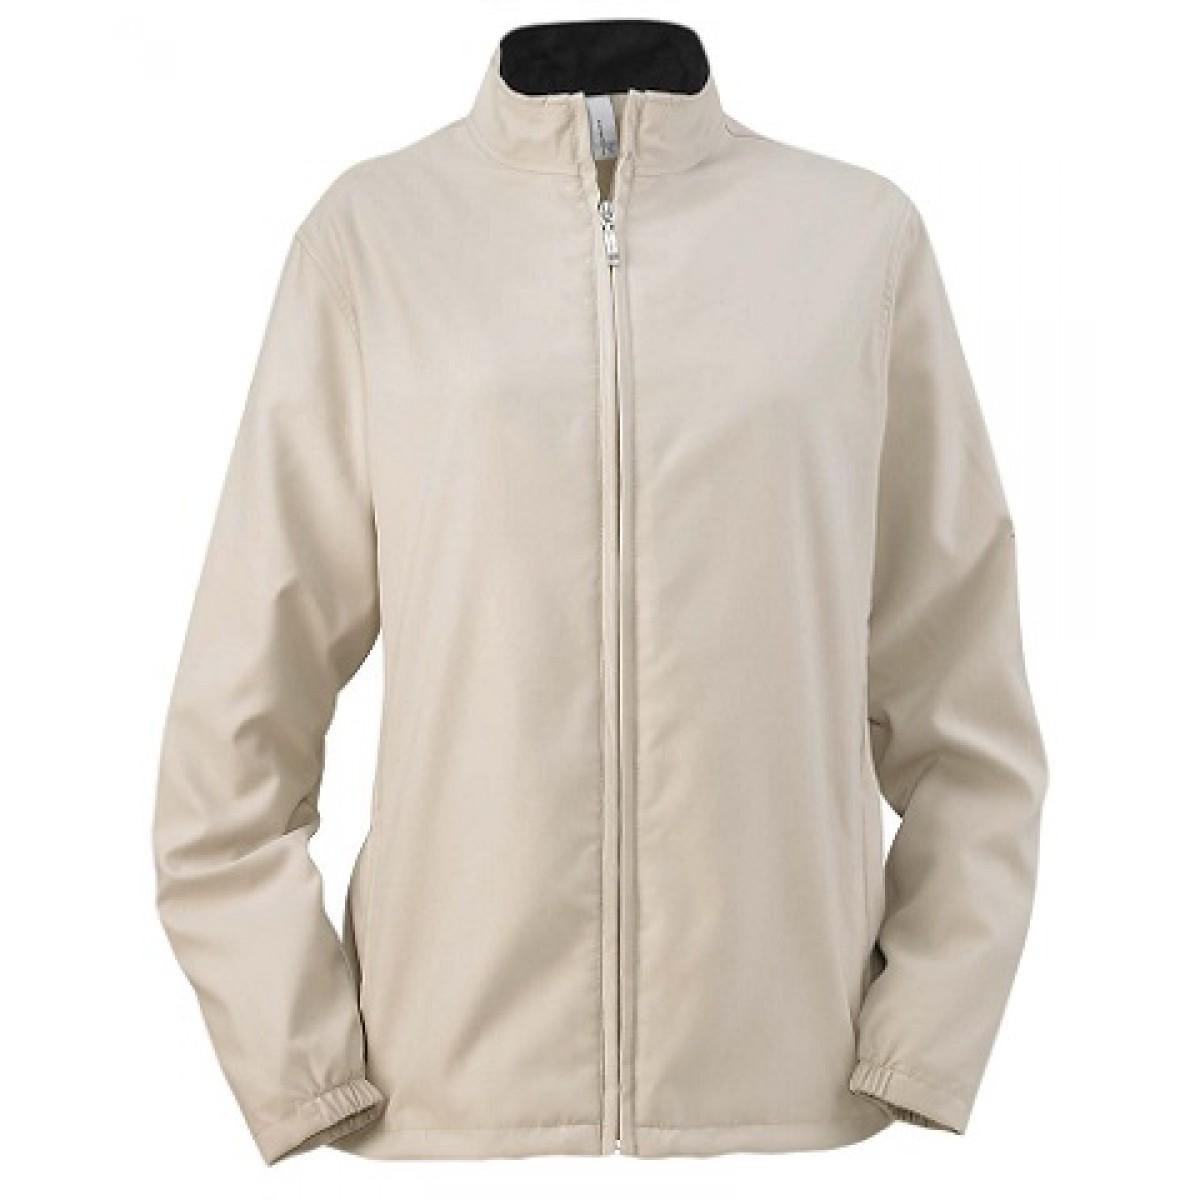 Ladies' Full-Zip Lined Wind Jacket-M